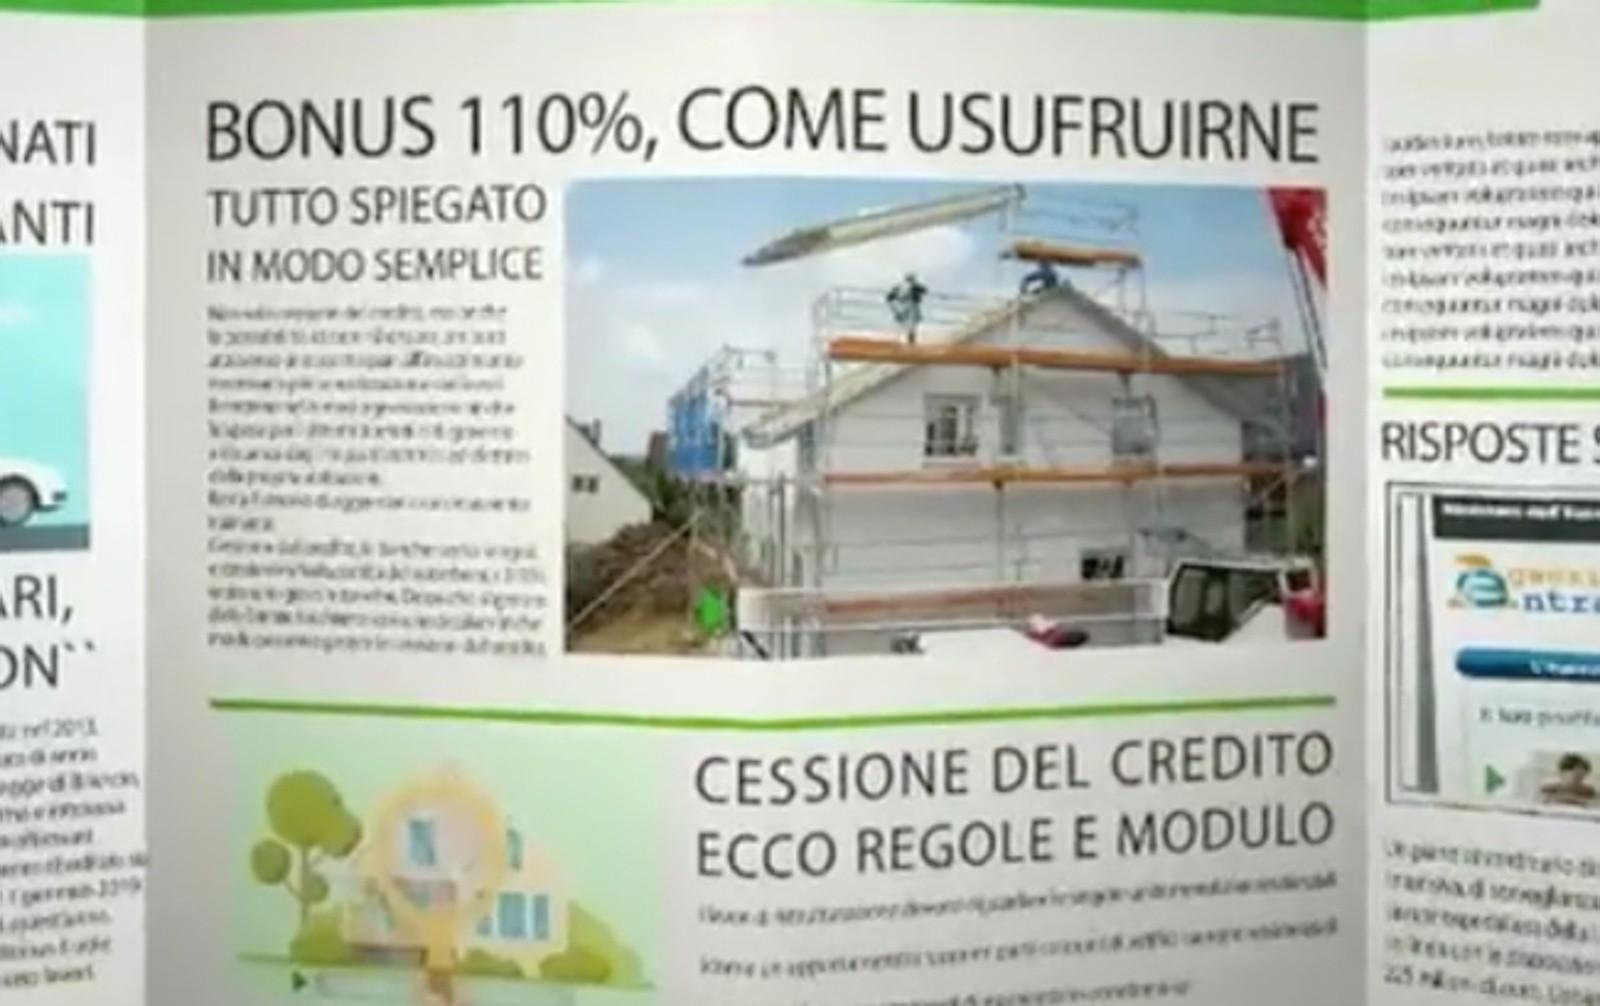 Bonus 110% e condominio, come prepararsi senza fare errori. Guarda la trasmissione Tv